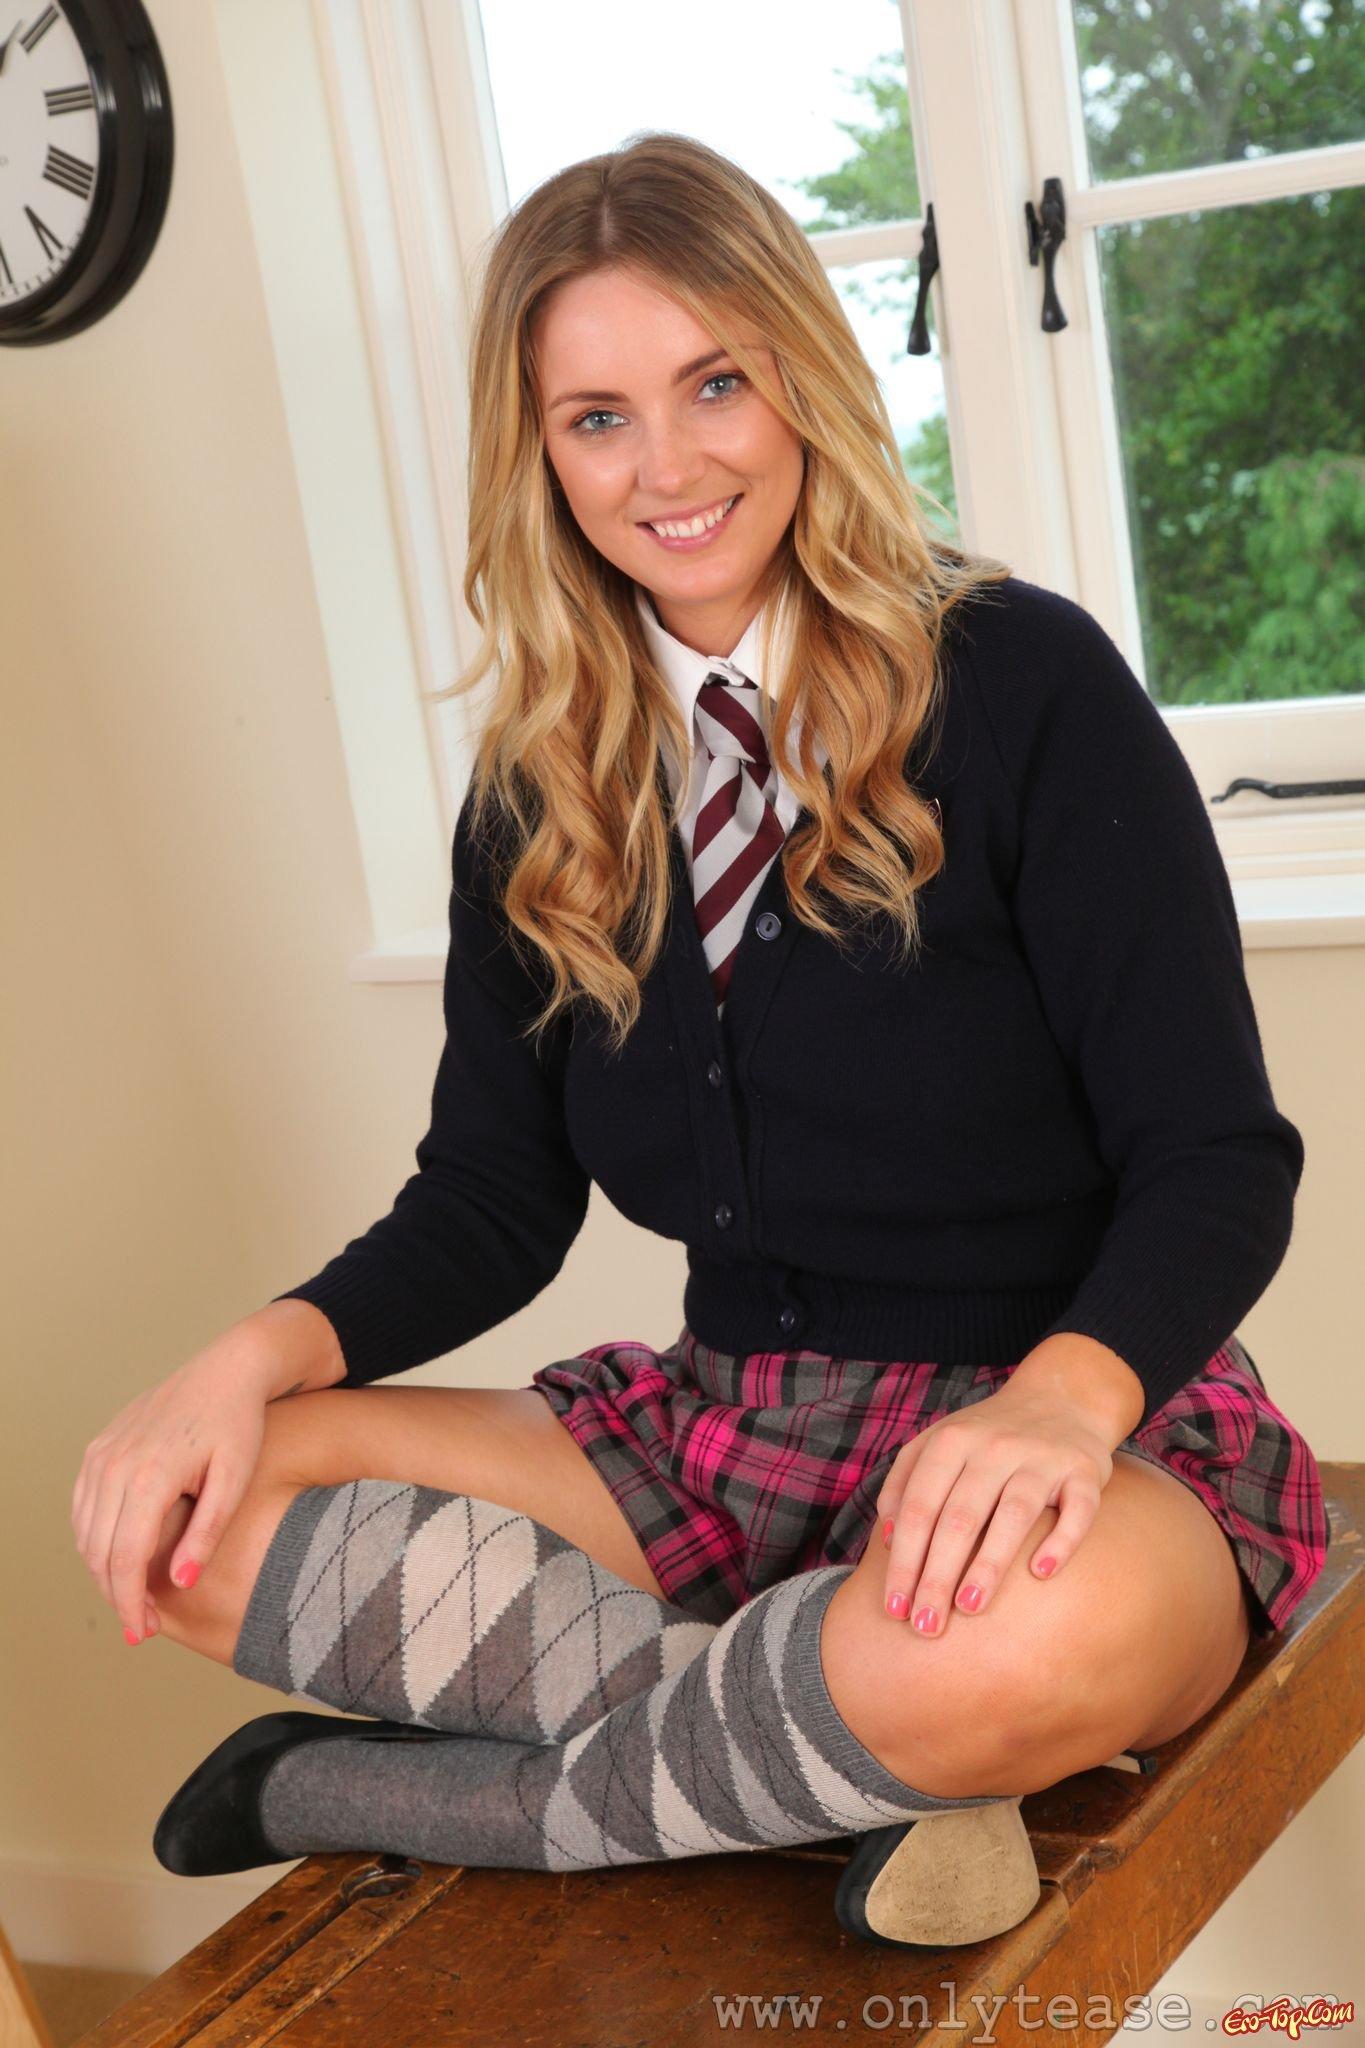 Фото девушка в школьной форме